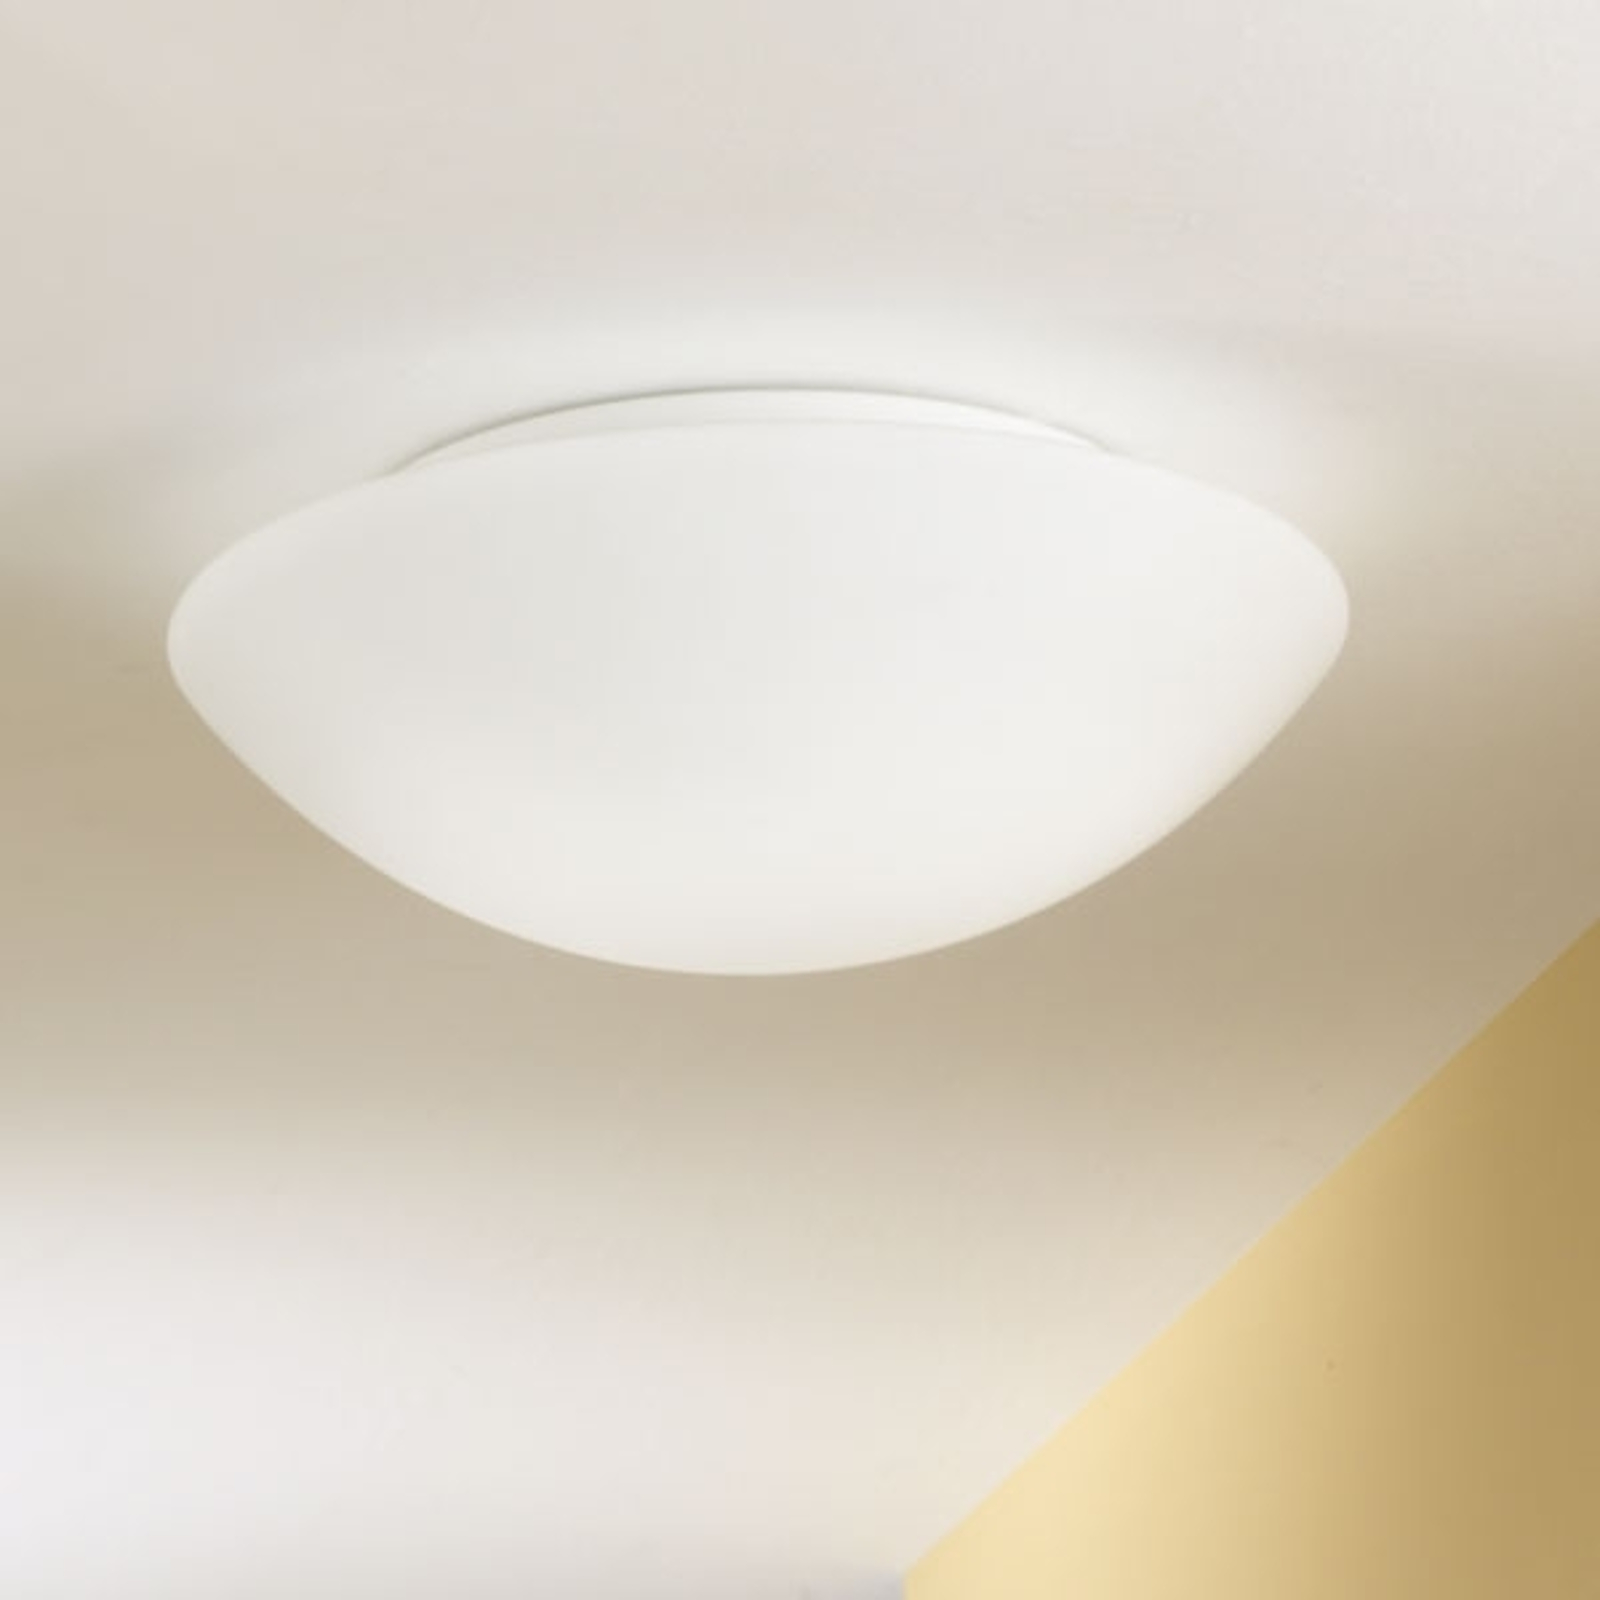 Lampa sufitowa lub ścienna PANDORA 36 cm